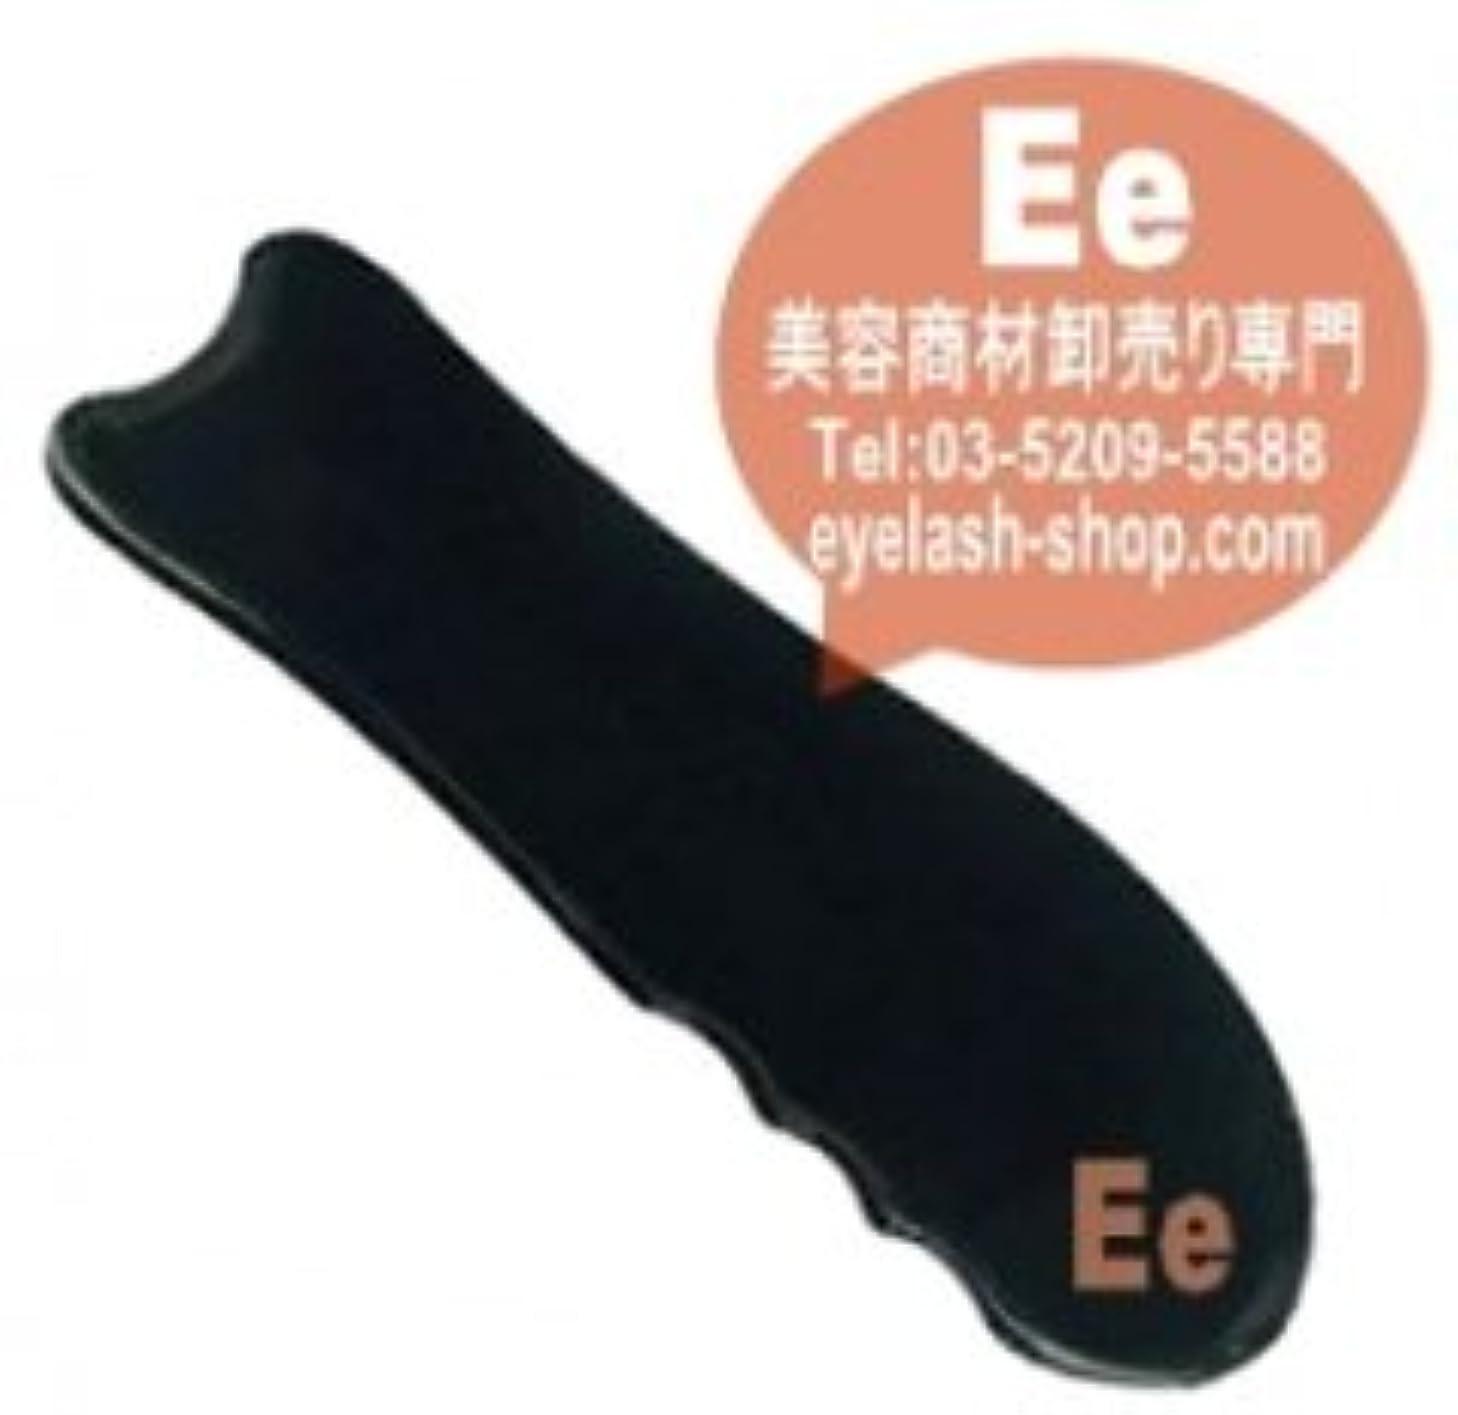 製造ハイブリッドクーポンかっさ板 カッサプレート 美容マッサージカッサ板 グアシャ板 水牛の角 A-02